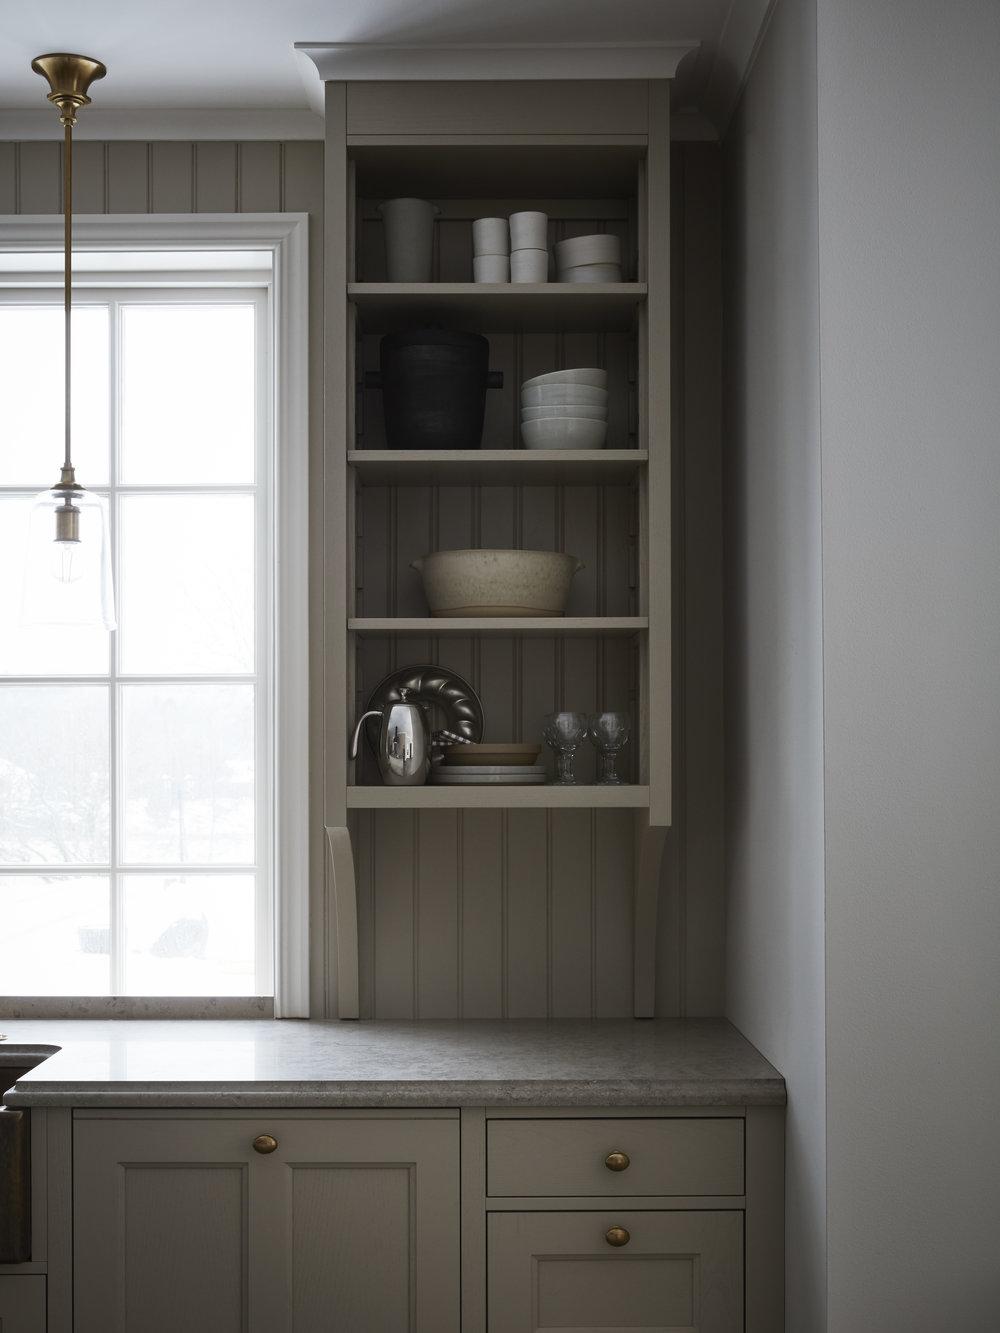 2019-01-15_kitchen-and-beyond-saro10692 kopiera.jpg